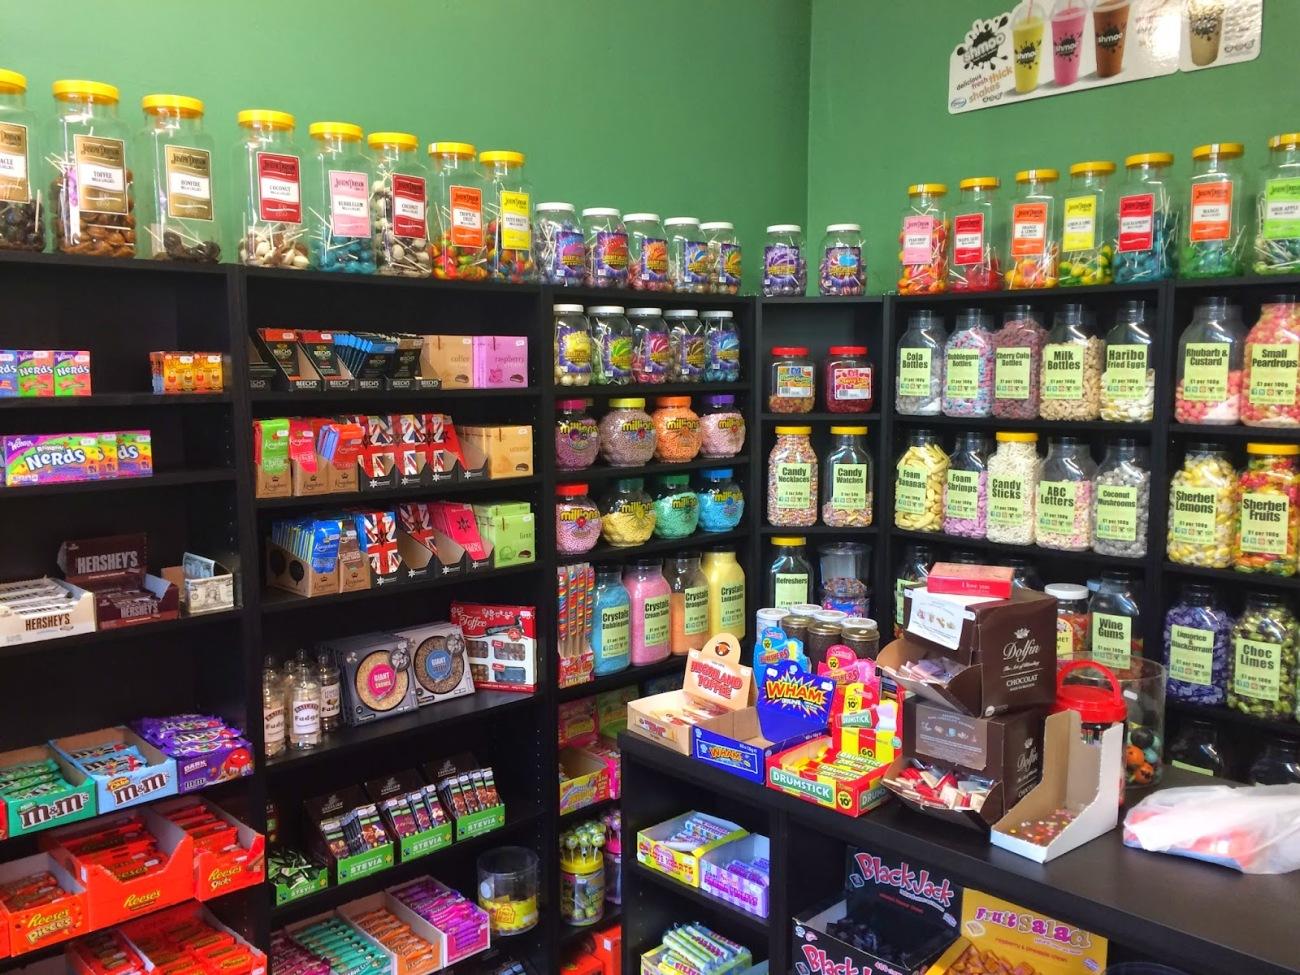 McTunney's Sweet Emporium, la famosa tienda de piruletas de Birmingham